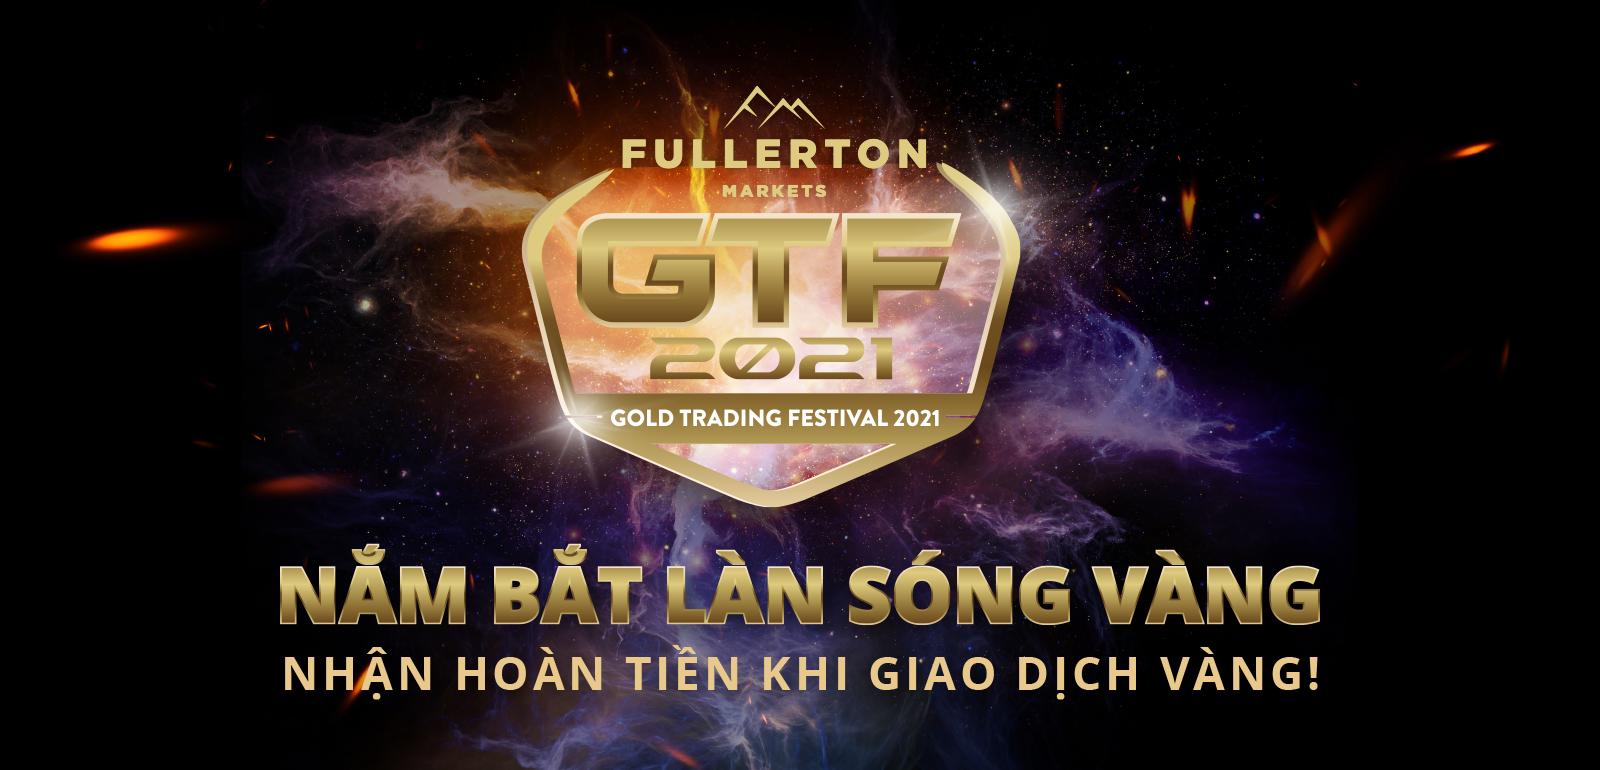 Gold Trading Festival 2021